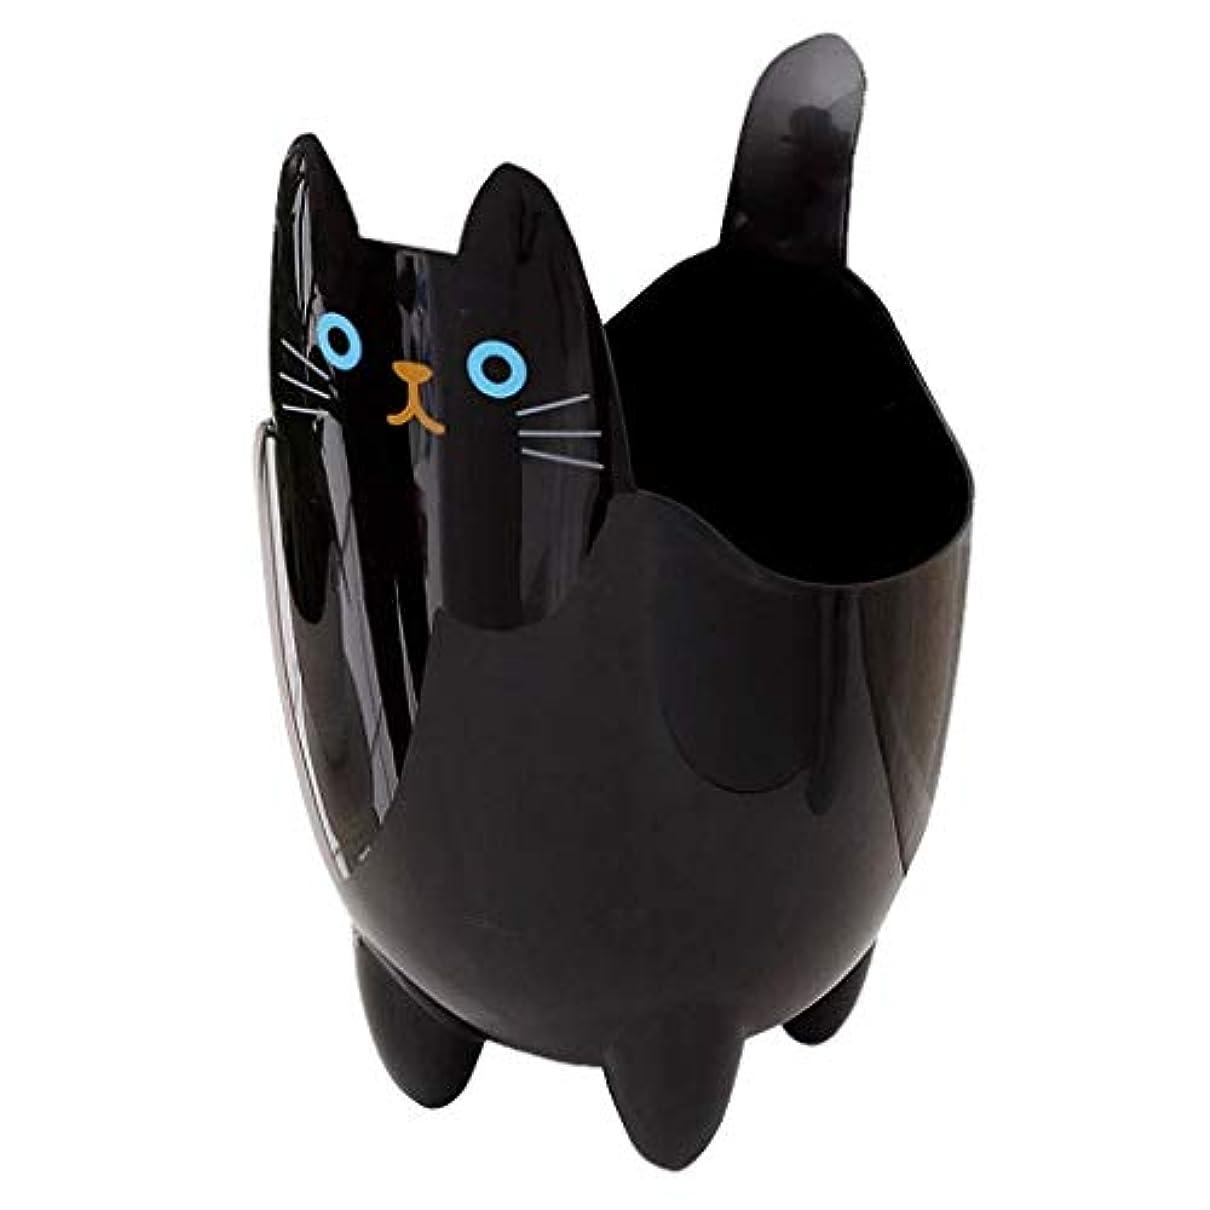 適切に精神リファインオフィスの浴室の居間のための創造的な収納収納バケツかわいい猫のゴミ箱 (Color : Black)